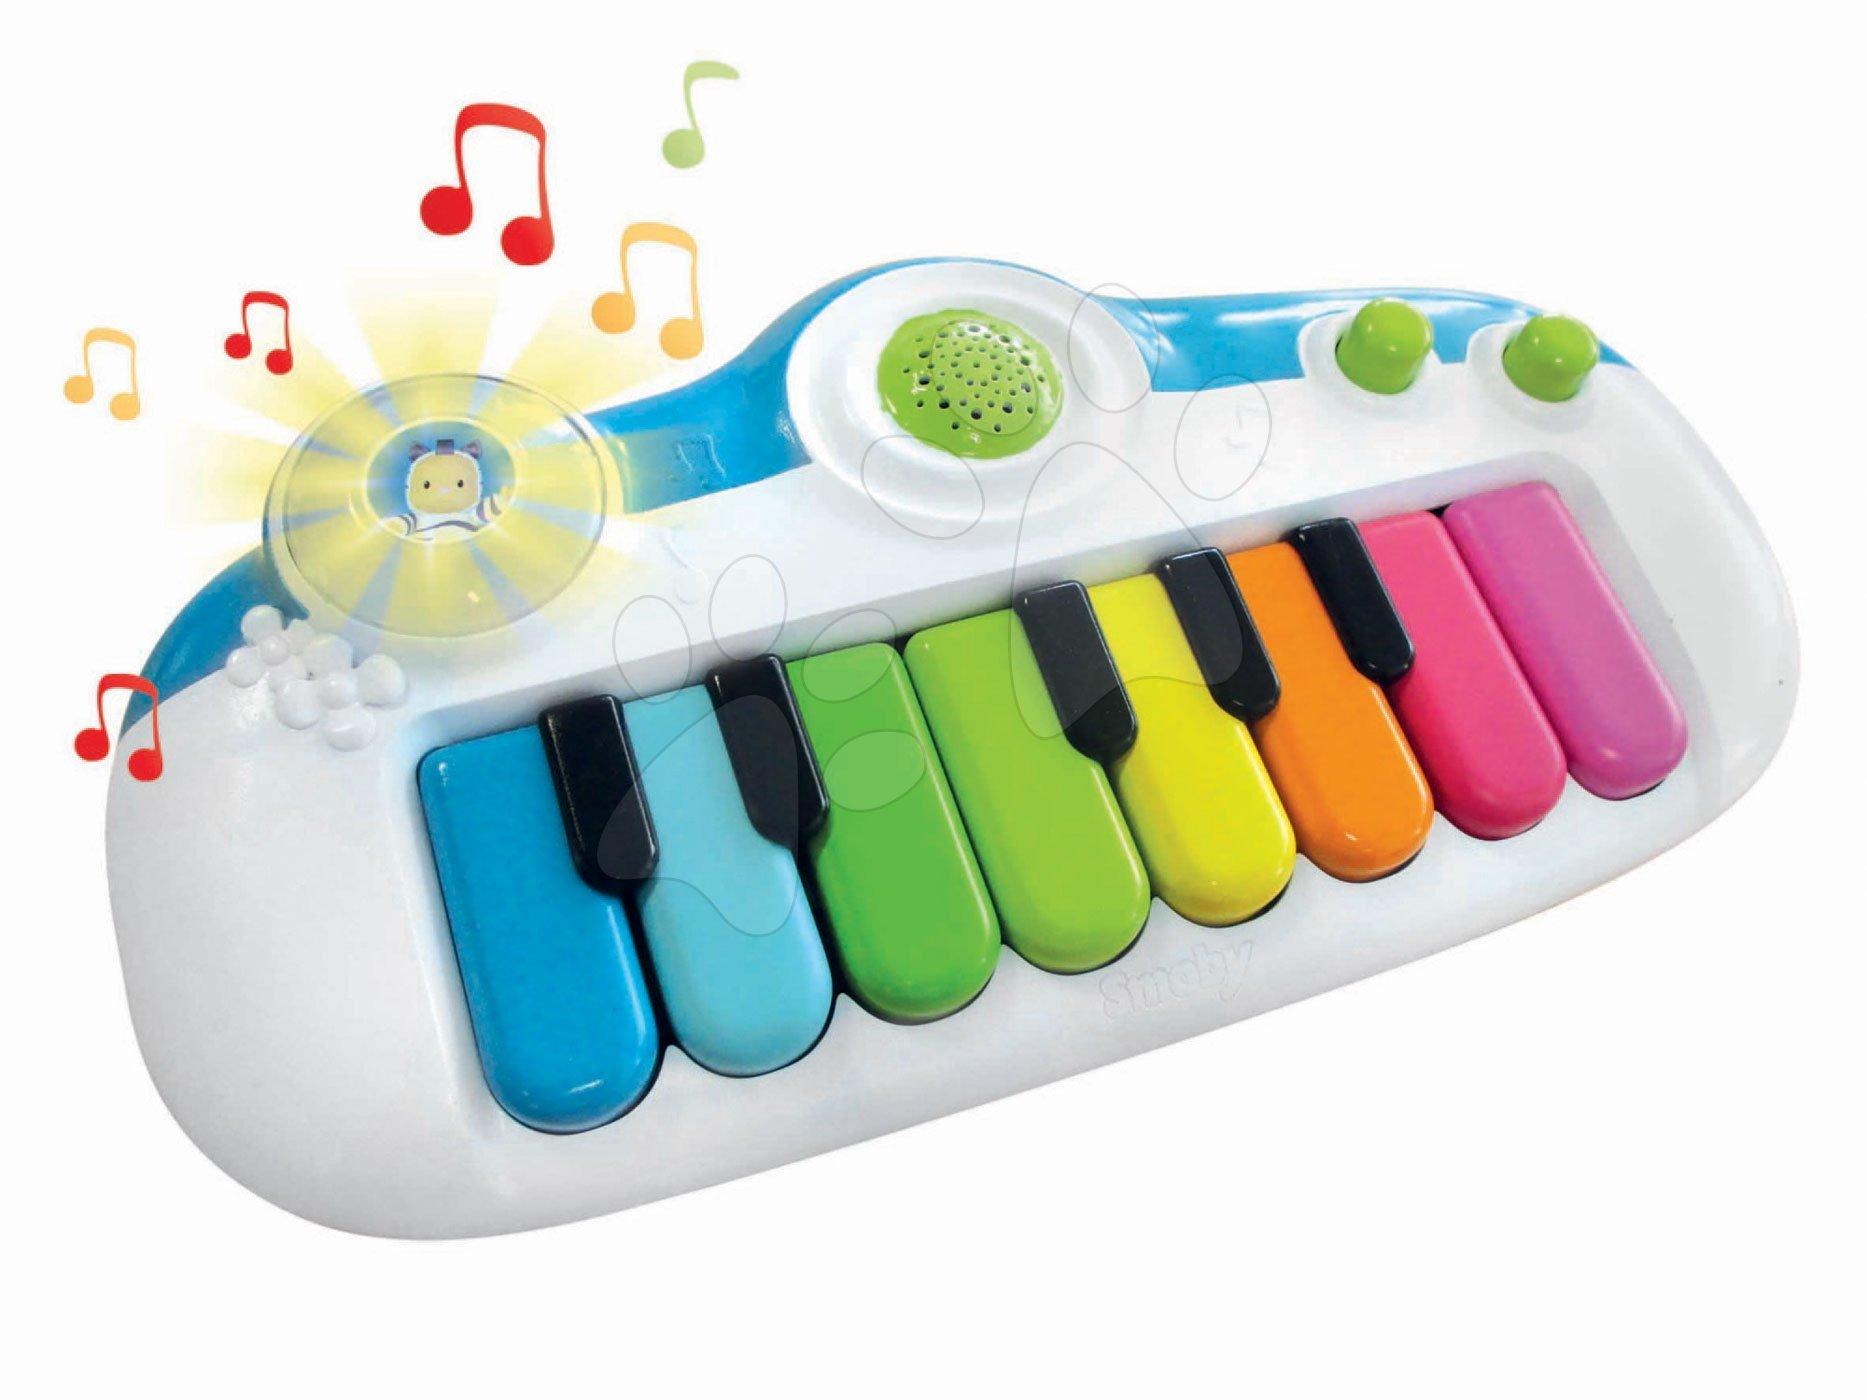 Piano elektronické Cotoons Smoby so 16 melódiami a svetlom